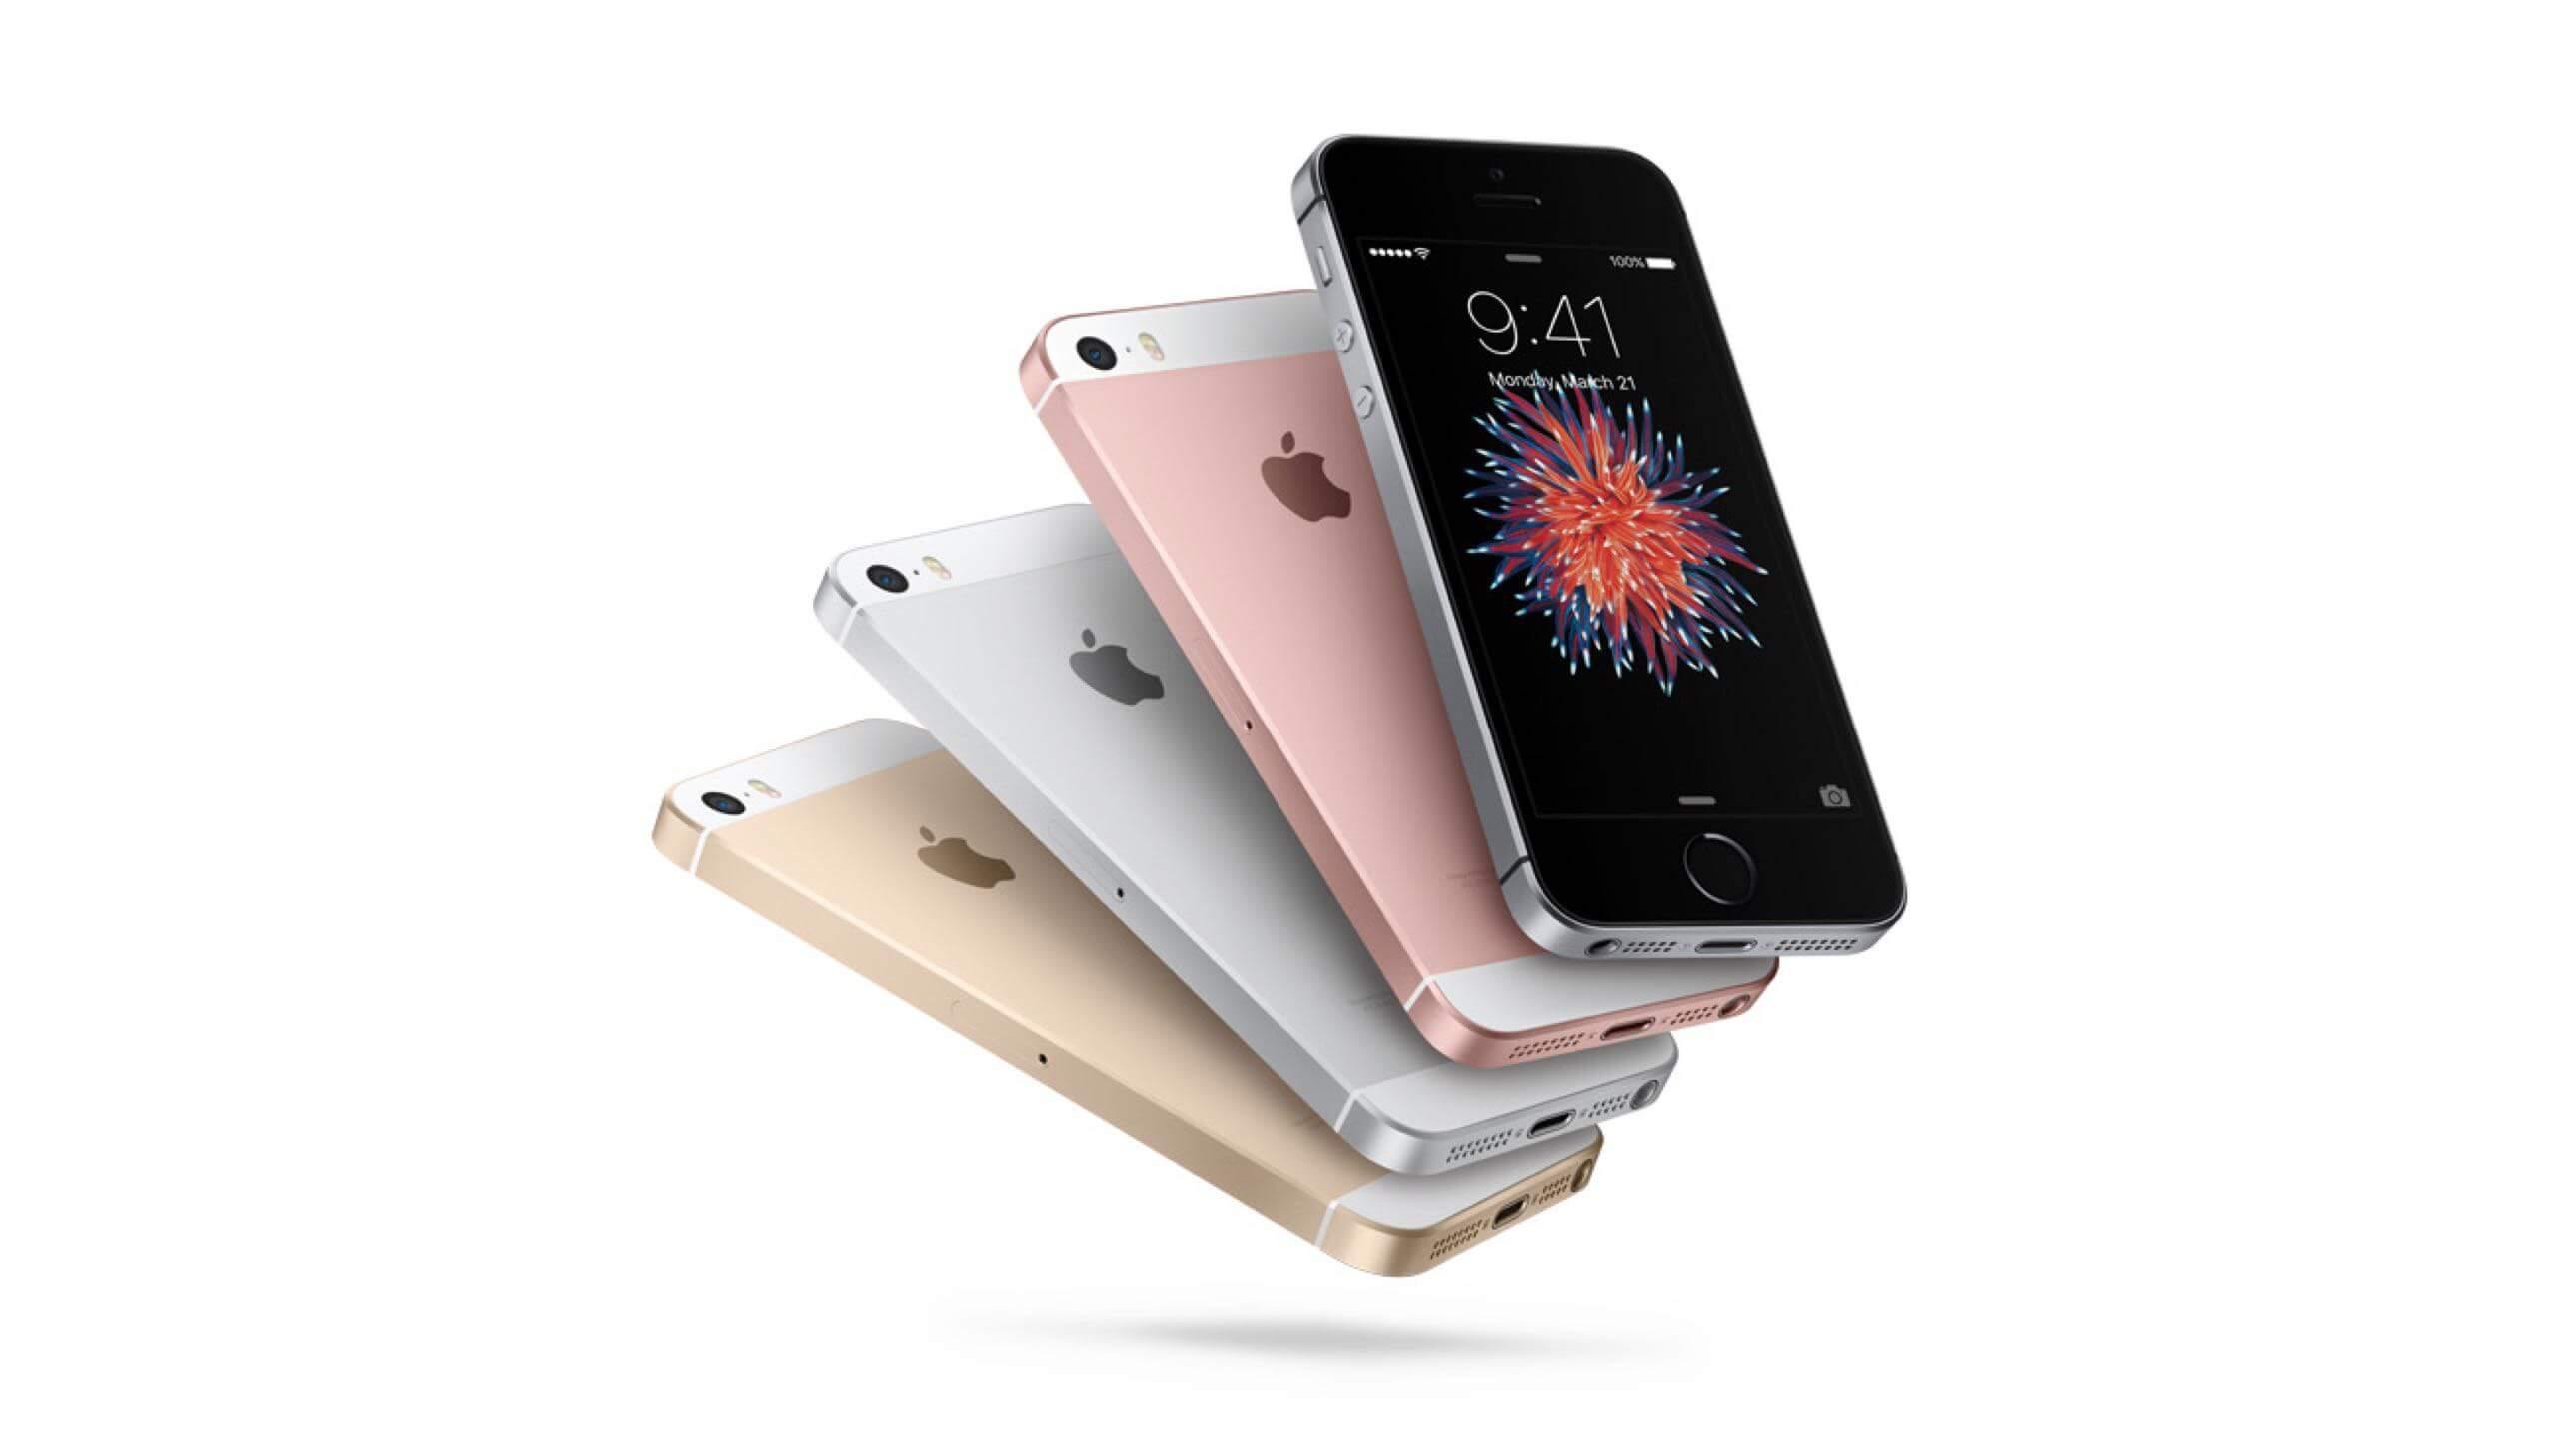 Apple stellt iPad Pro 9,7 Zoll und iPhone SE vor › Bitpage.de - Der ...